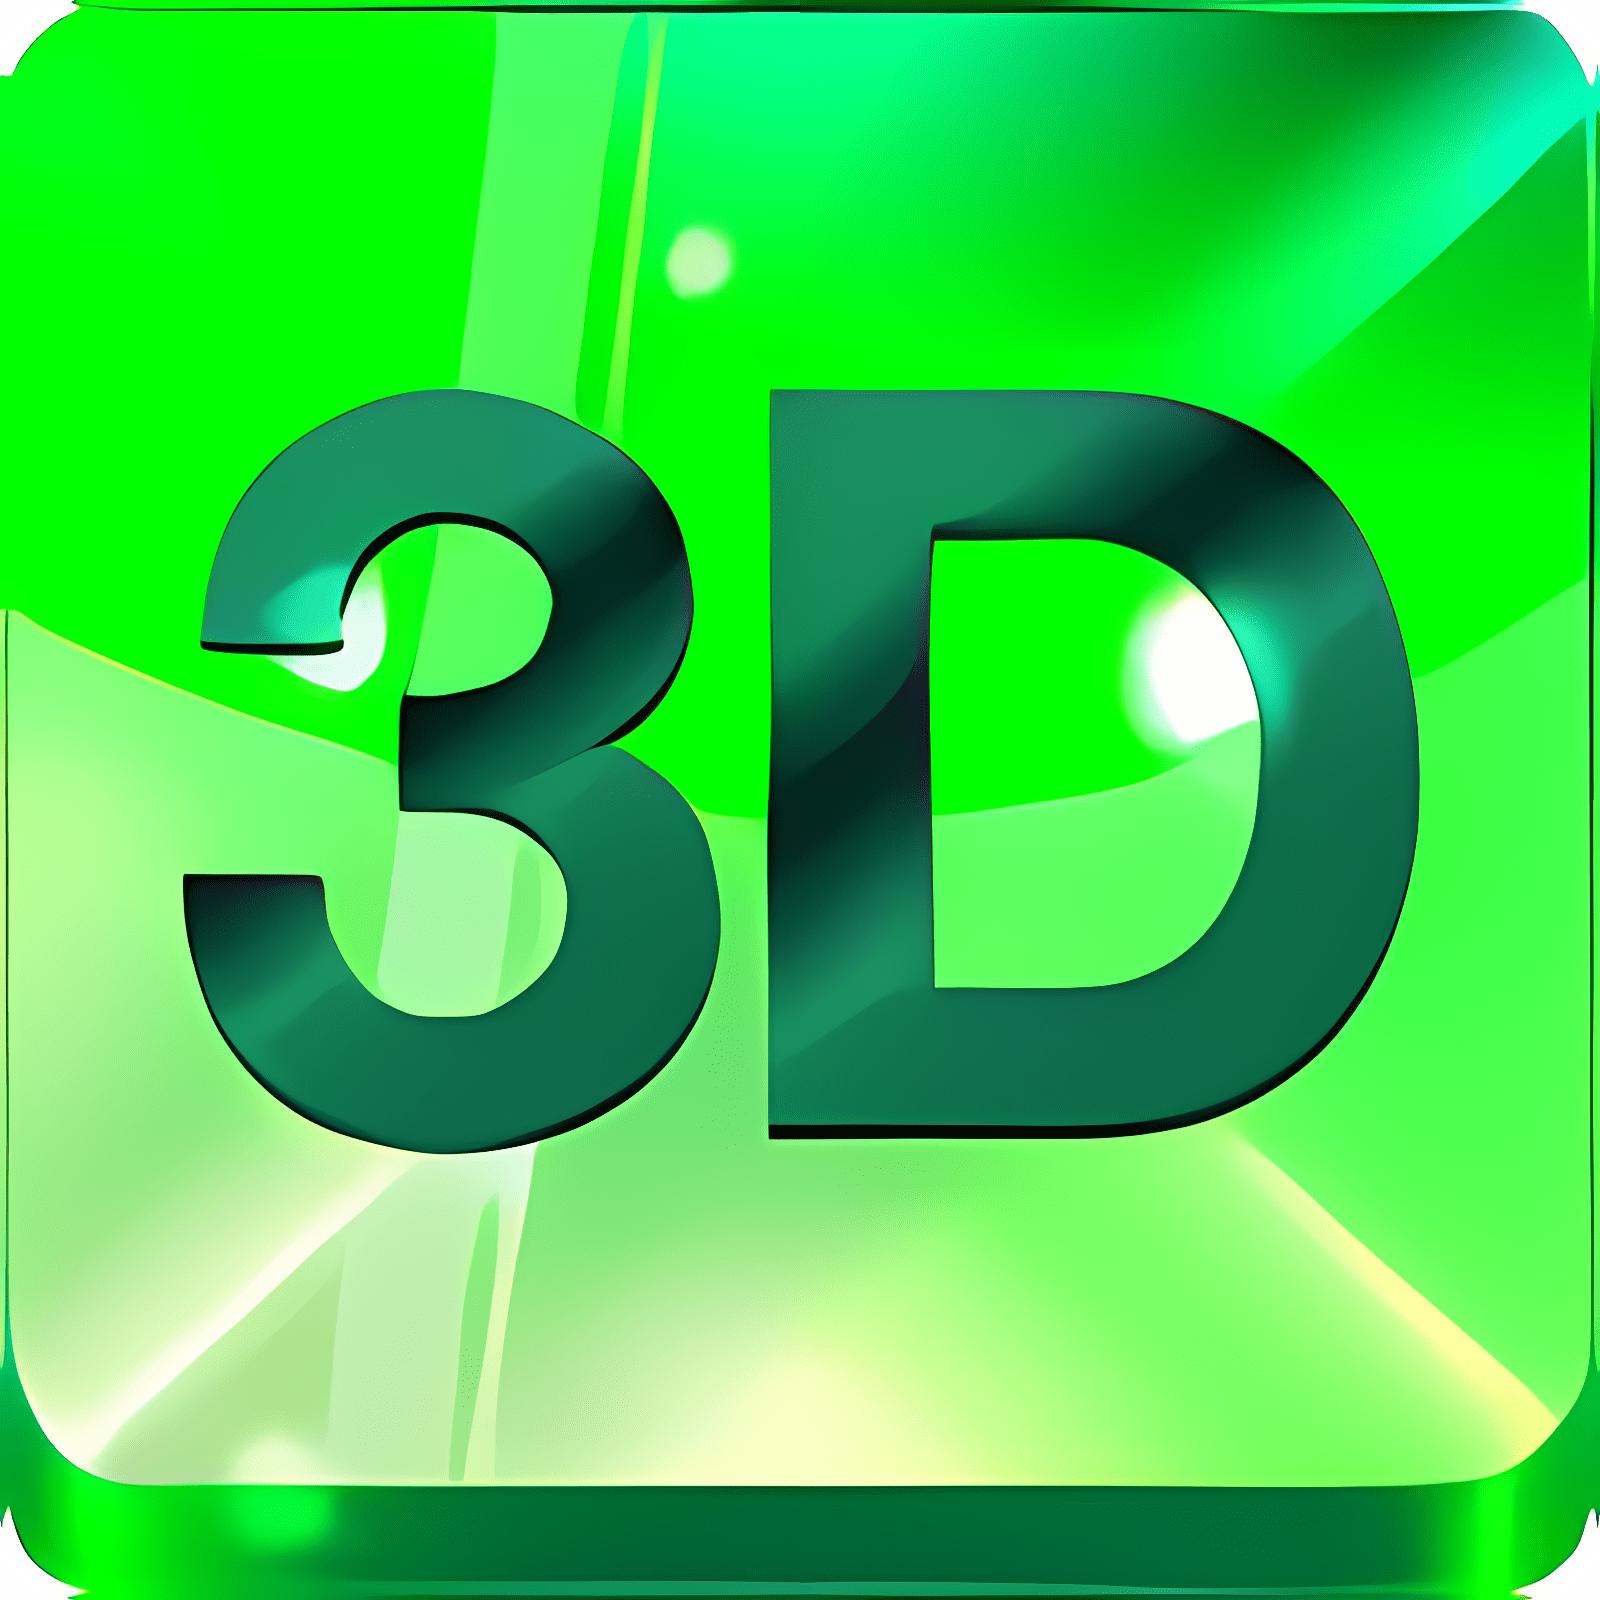 3D Sounds & Ringtones